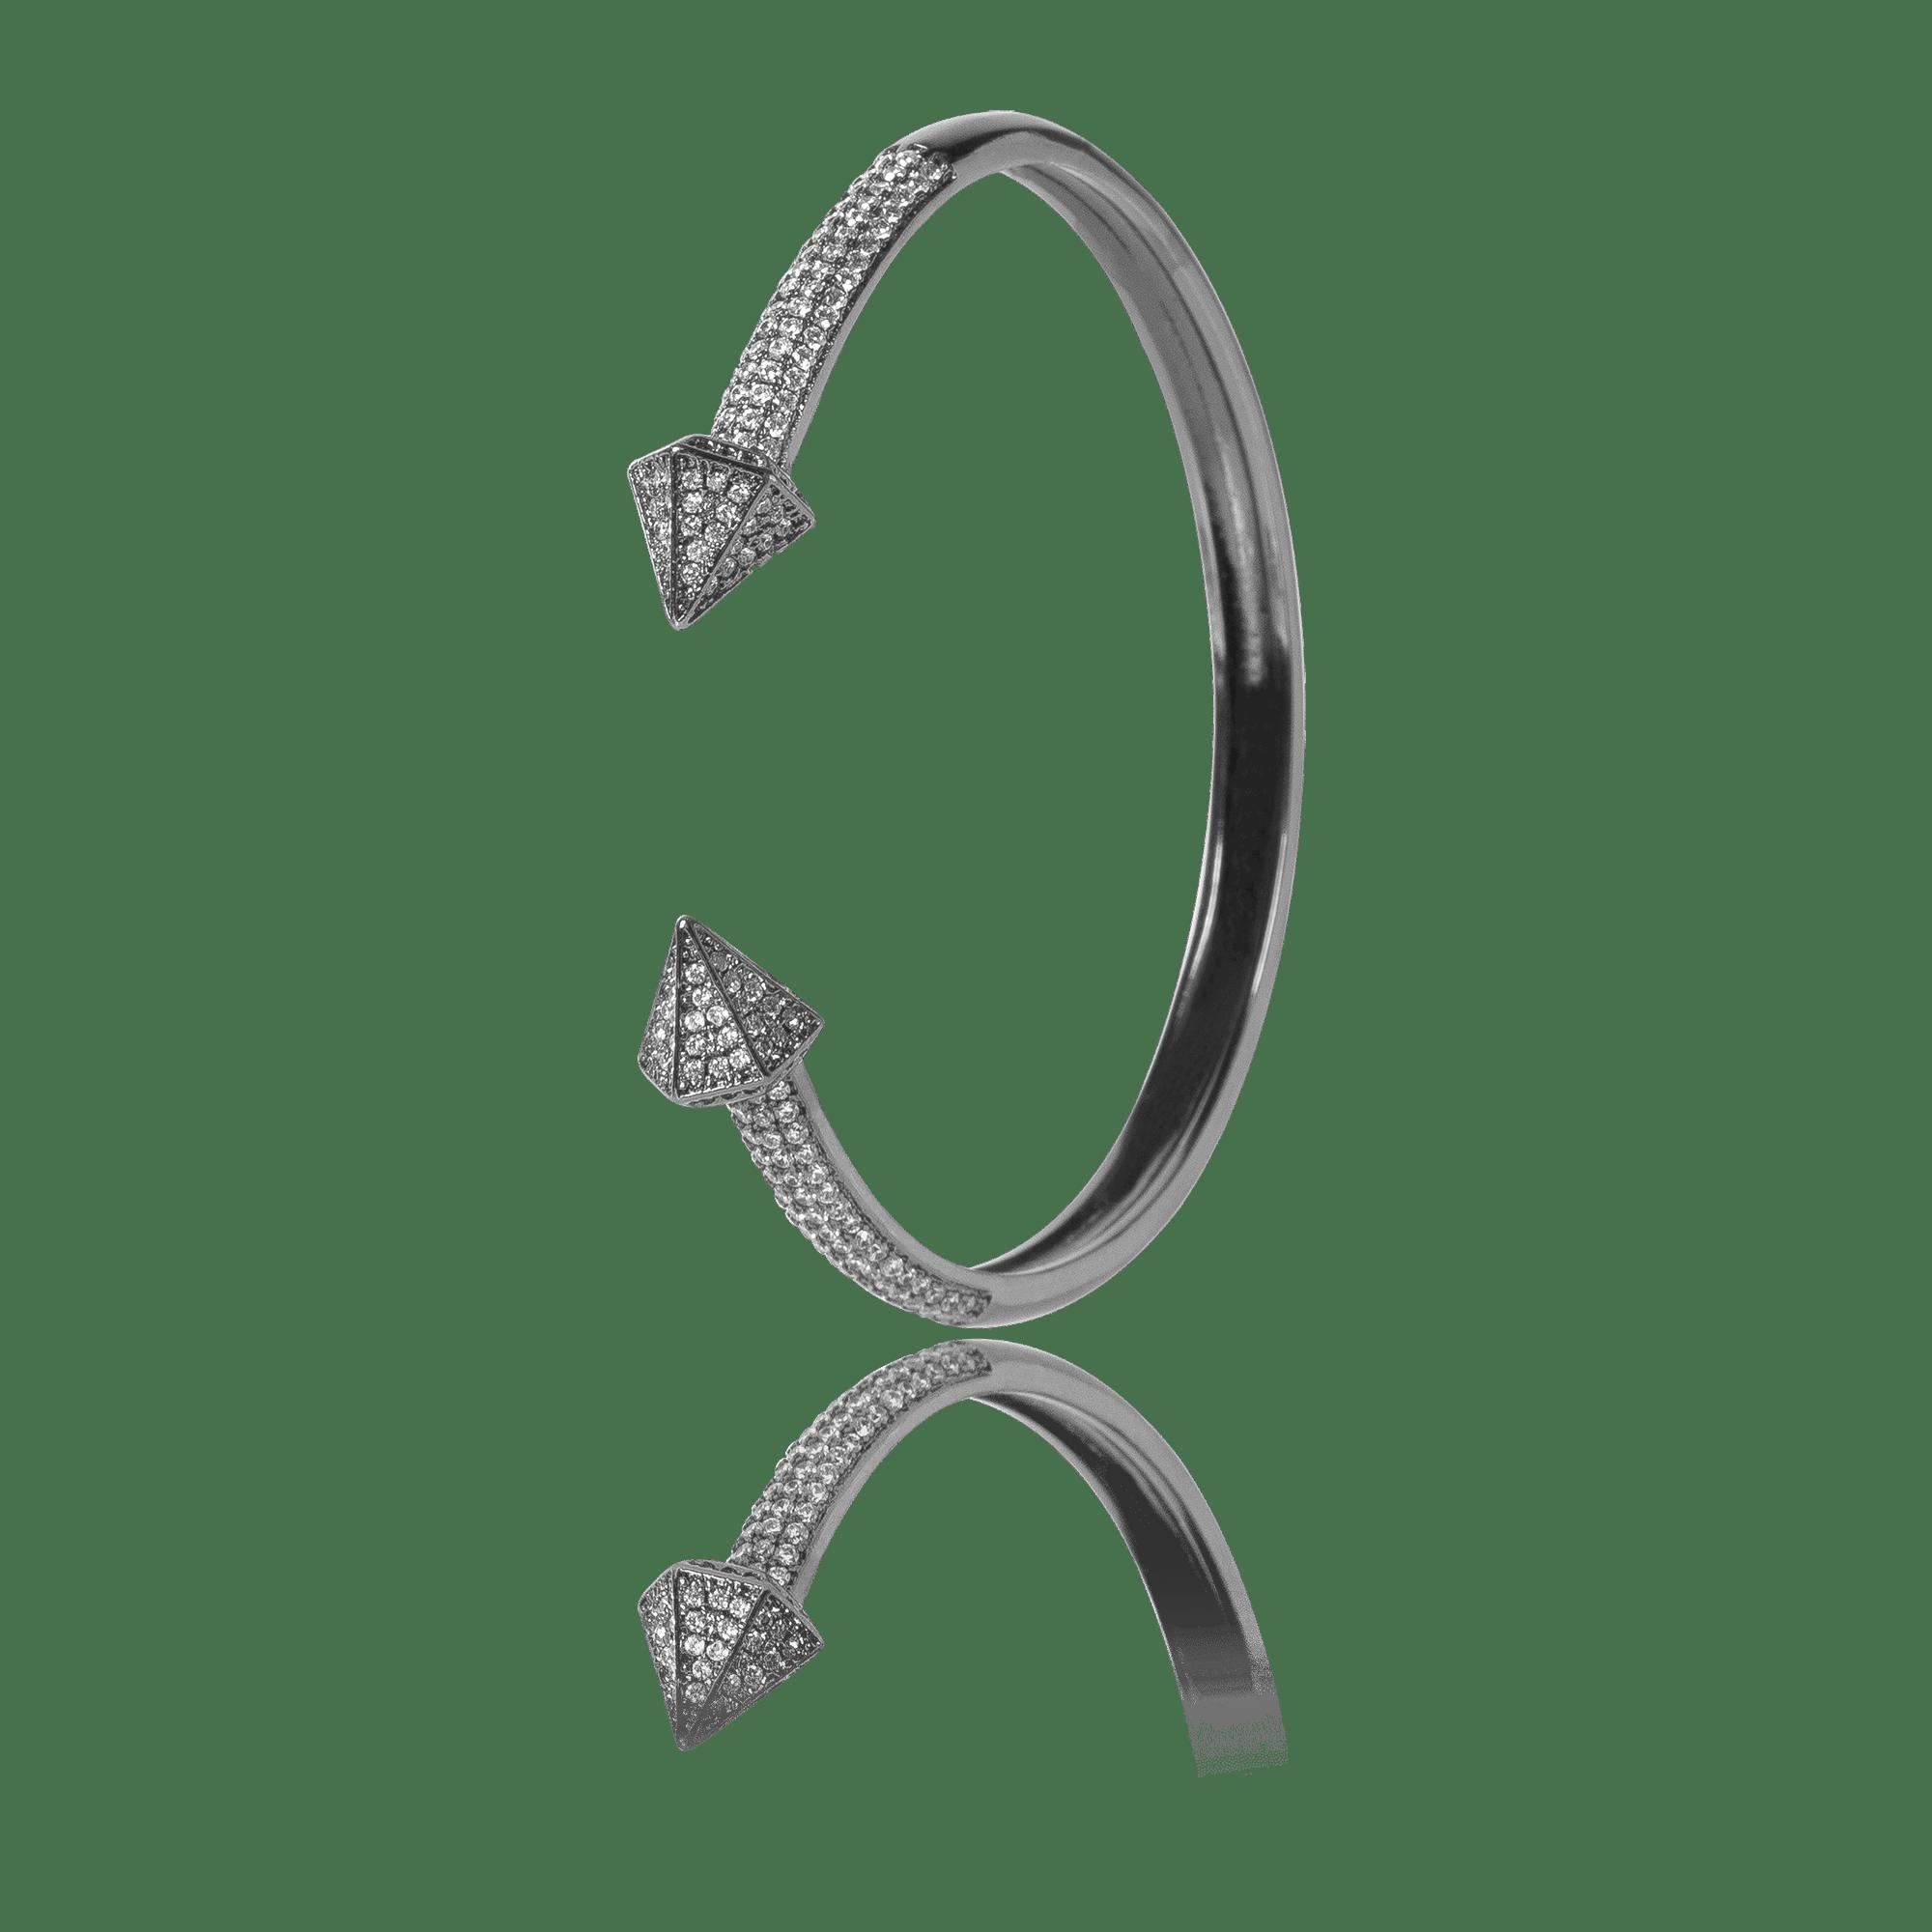 Pulseira Bracelete Aro Aberto Ródio Negro